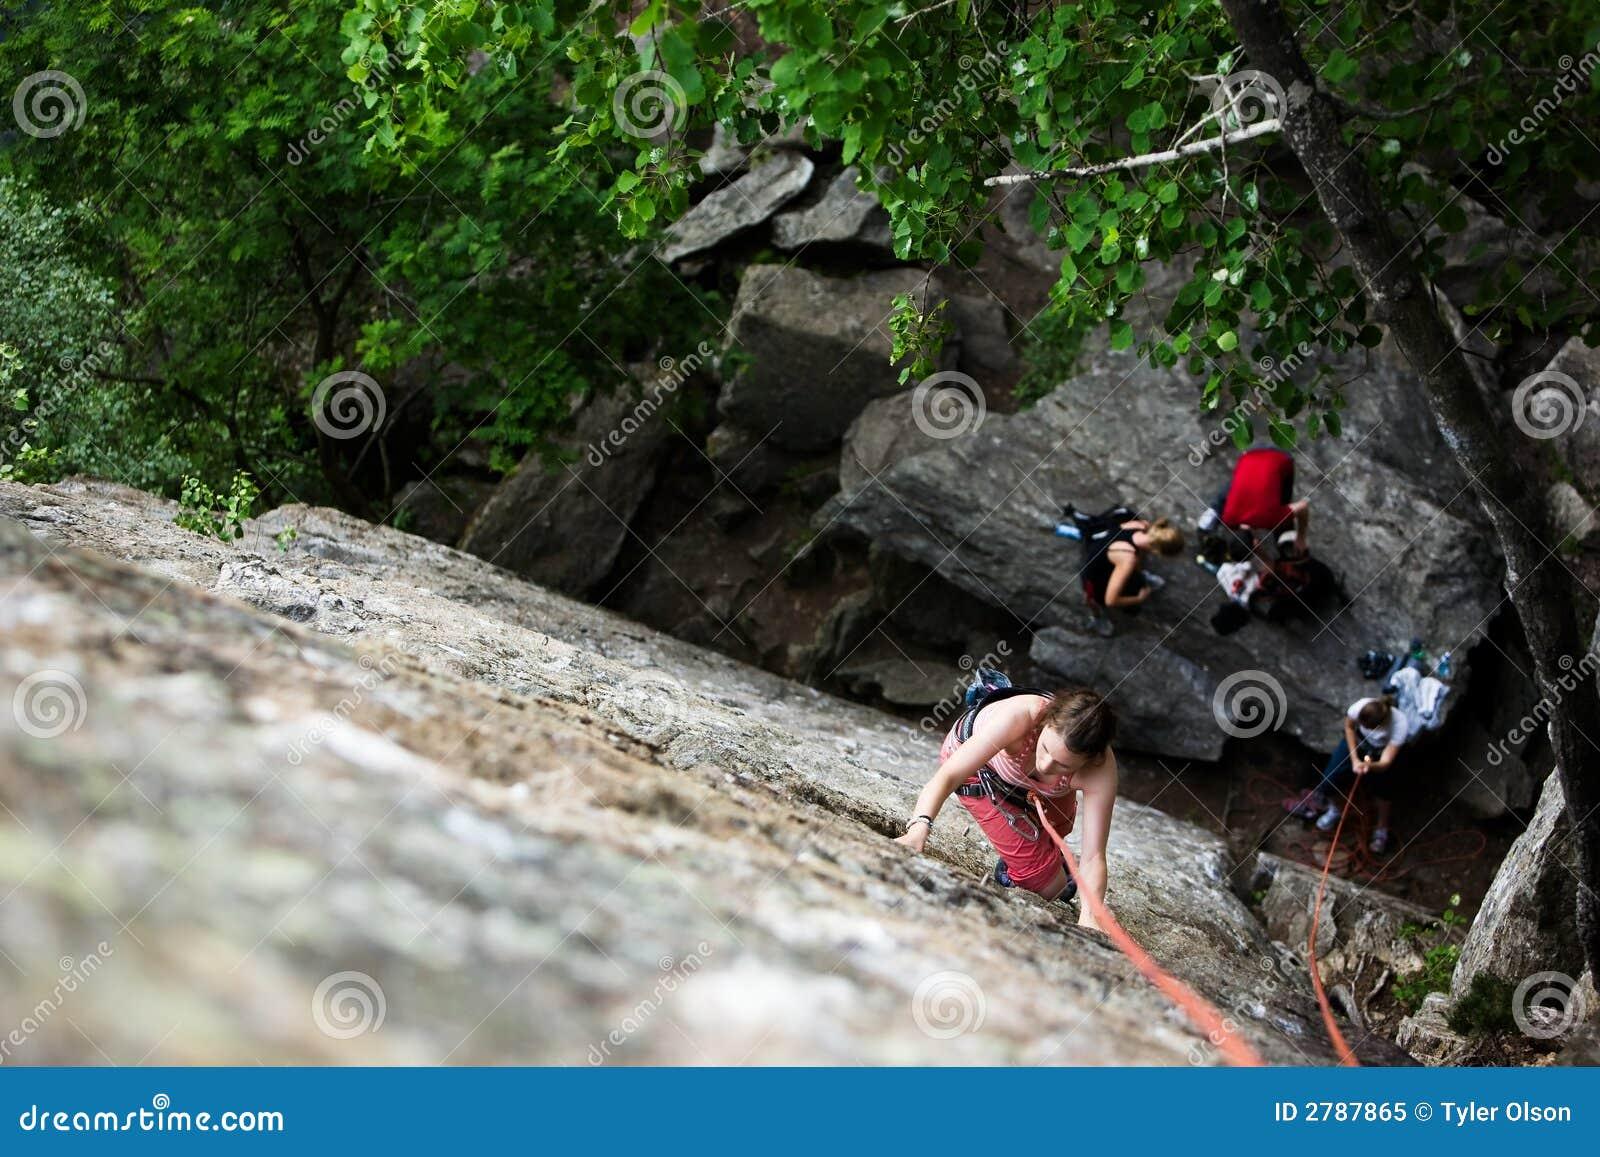 Bergbeklimming